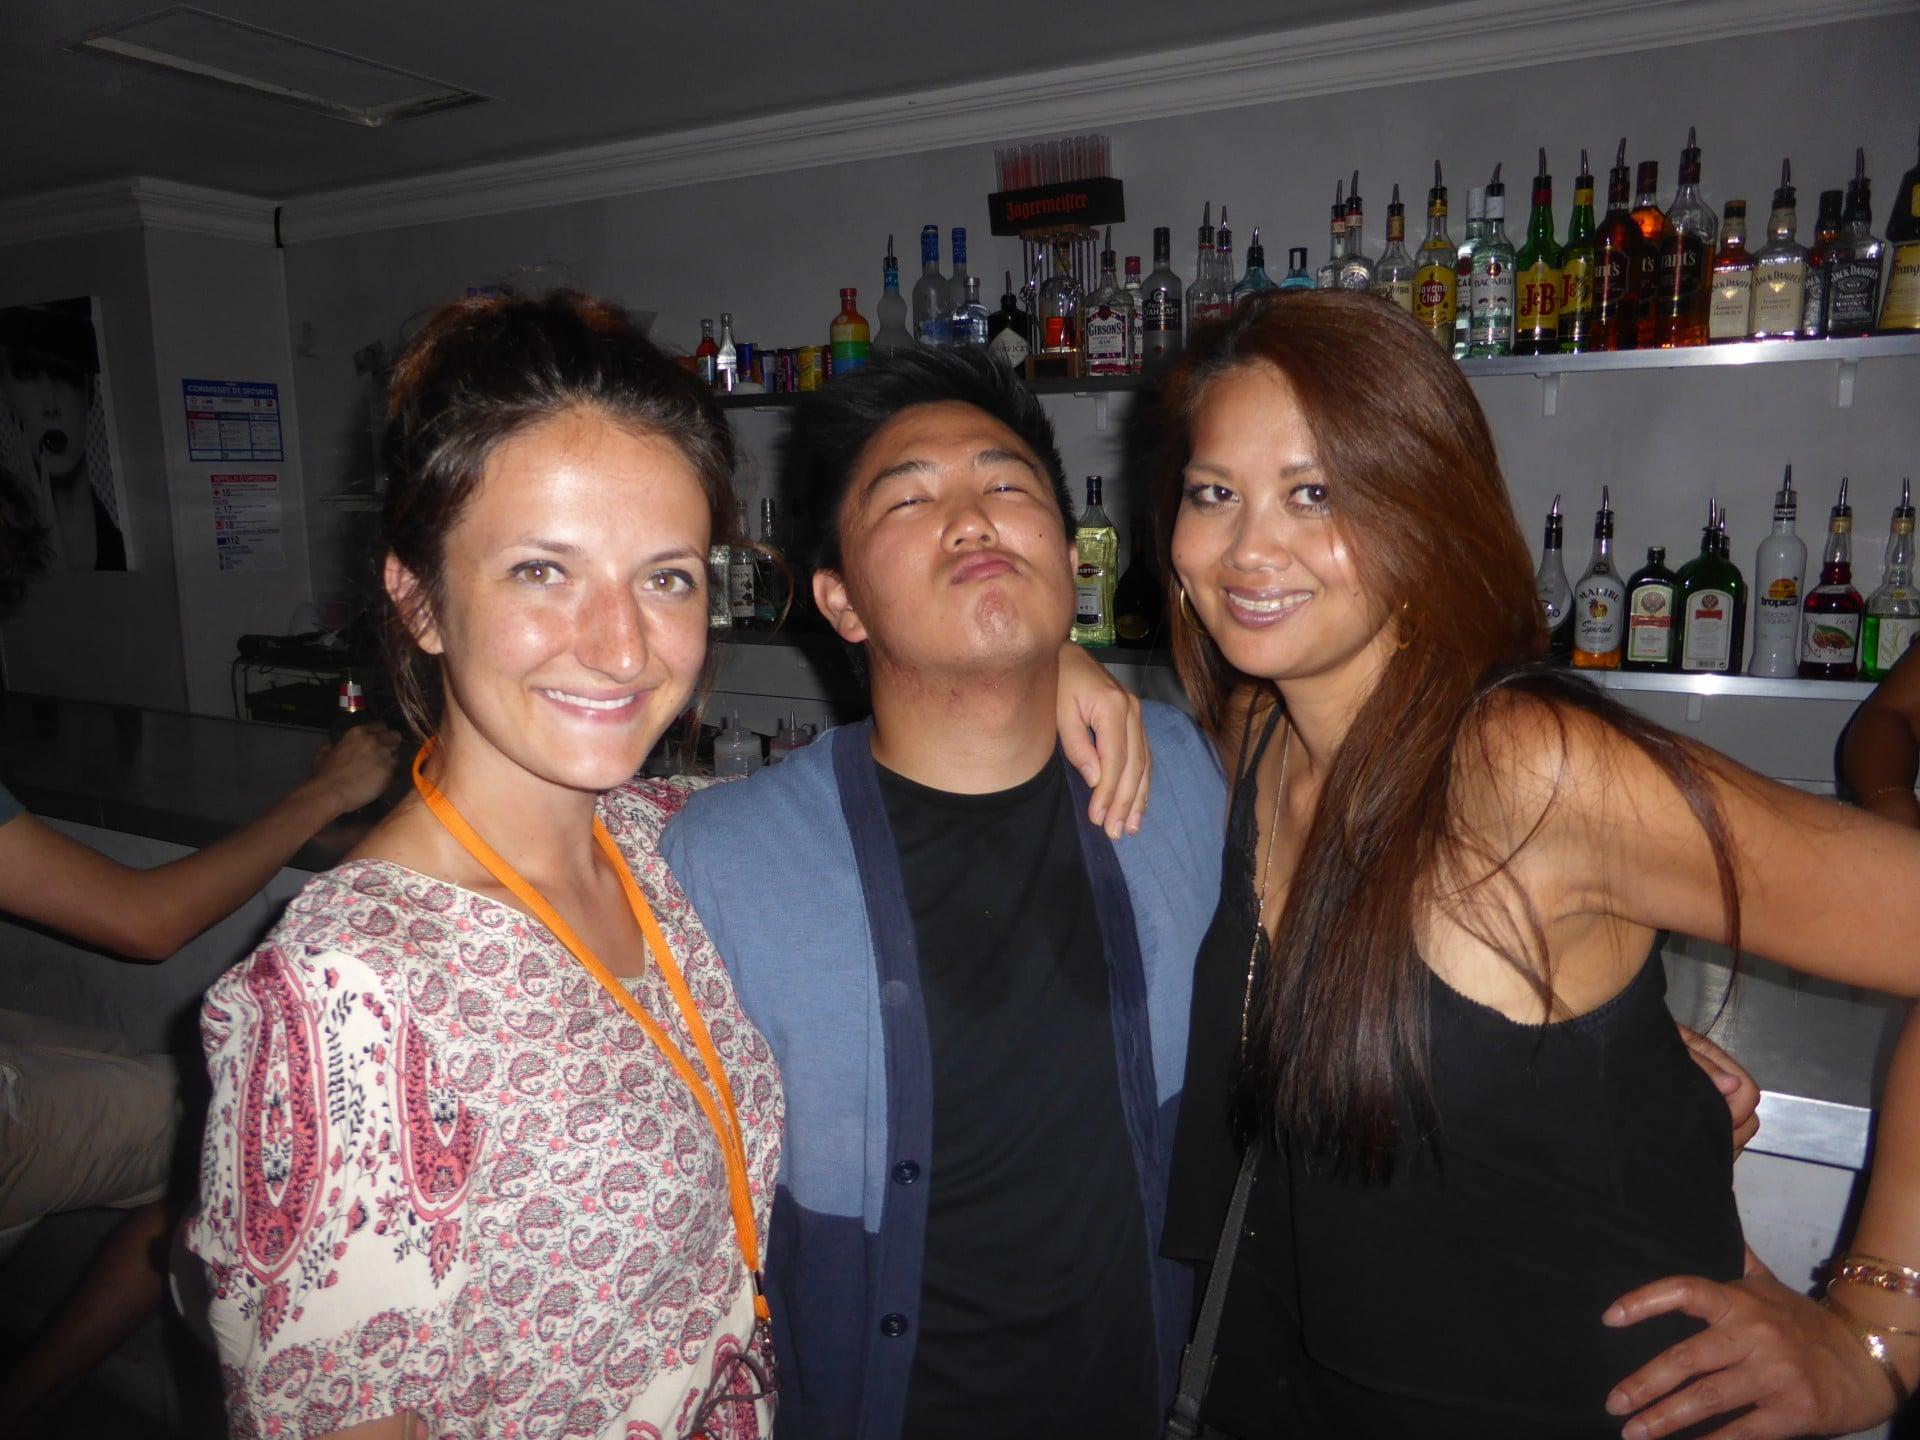 Shangai pub crawl